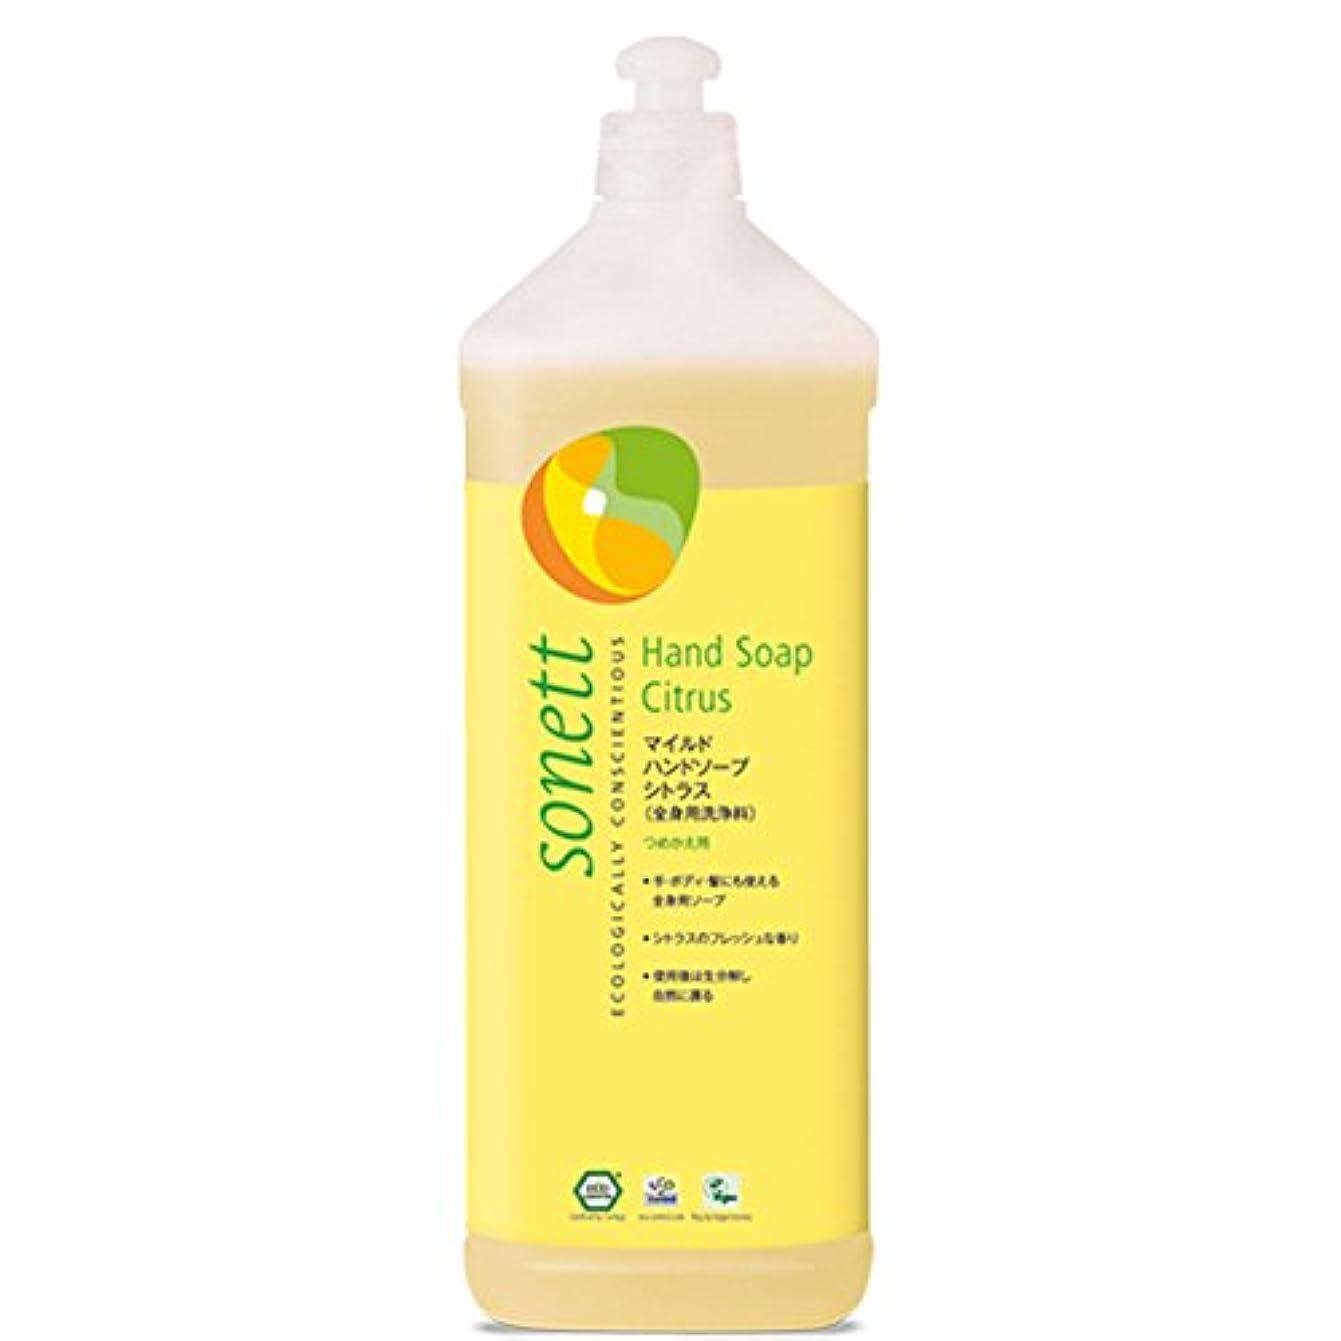 ヒューズ勝つ温帯SONETT ( ソネット 洗剤 ) マイルドハンドソープ シトラス 1L  ( ボディー&ハンドソープ 全身 )